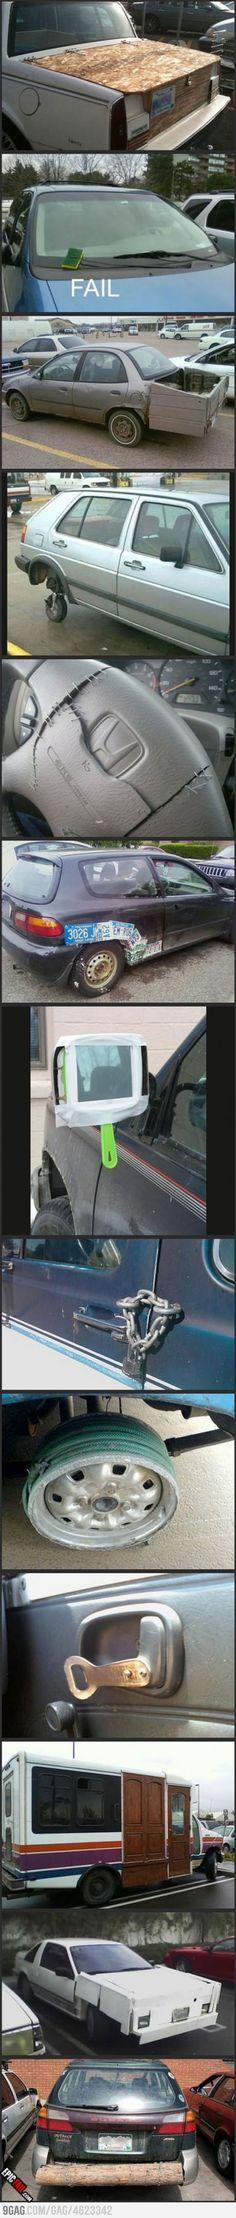 Car reparirs fail